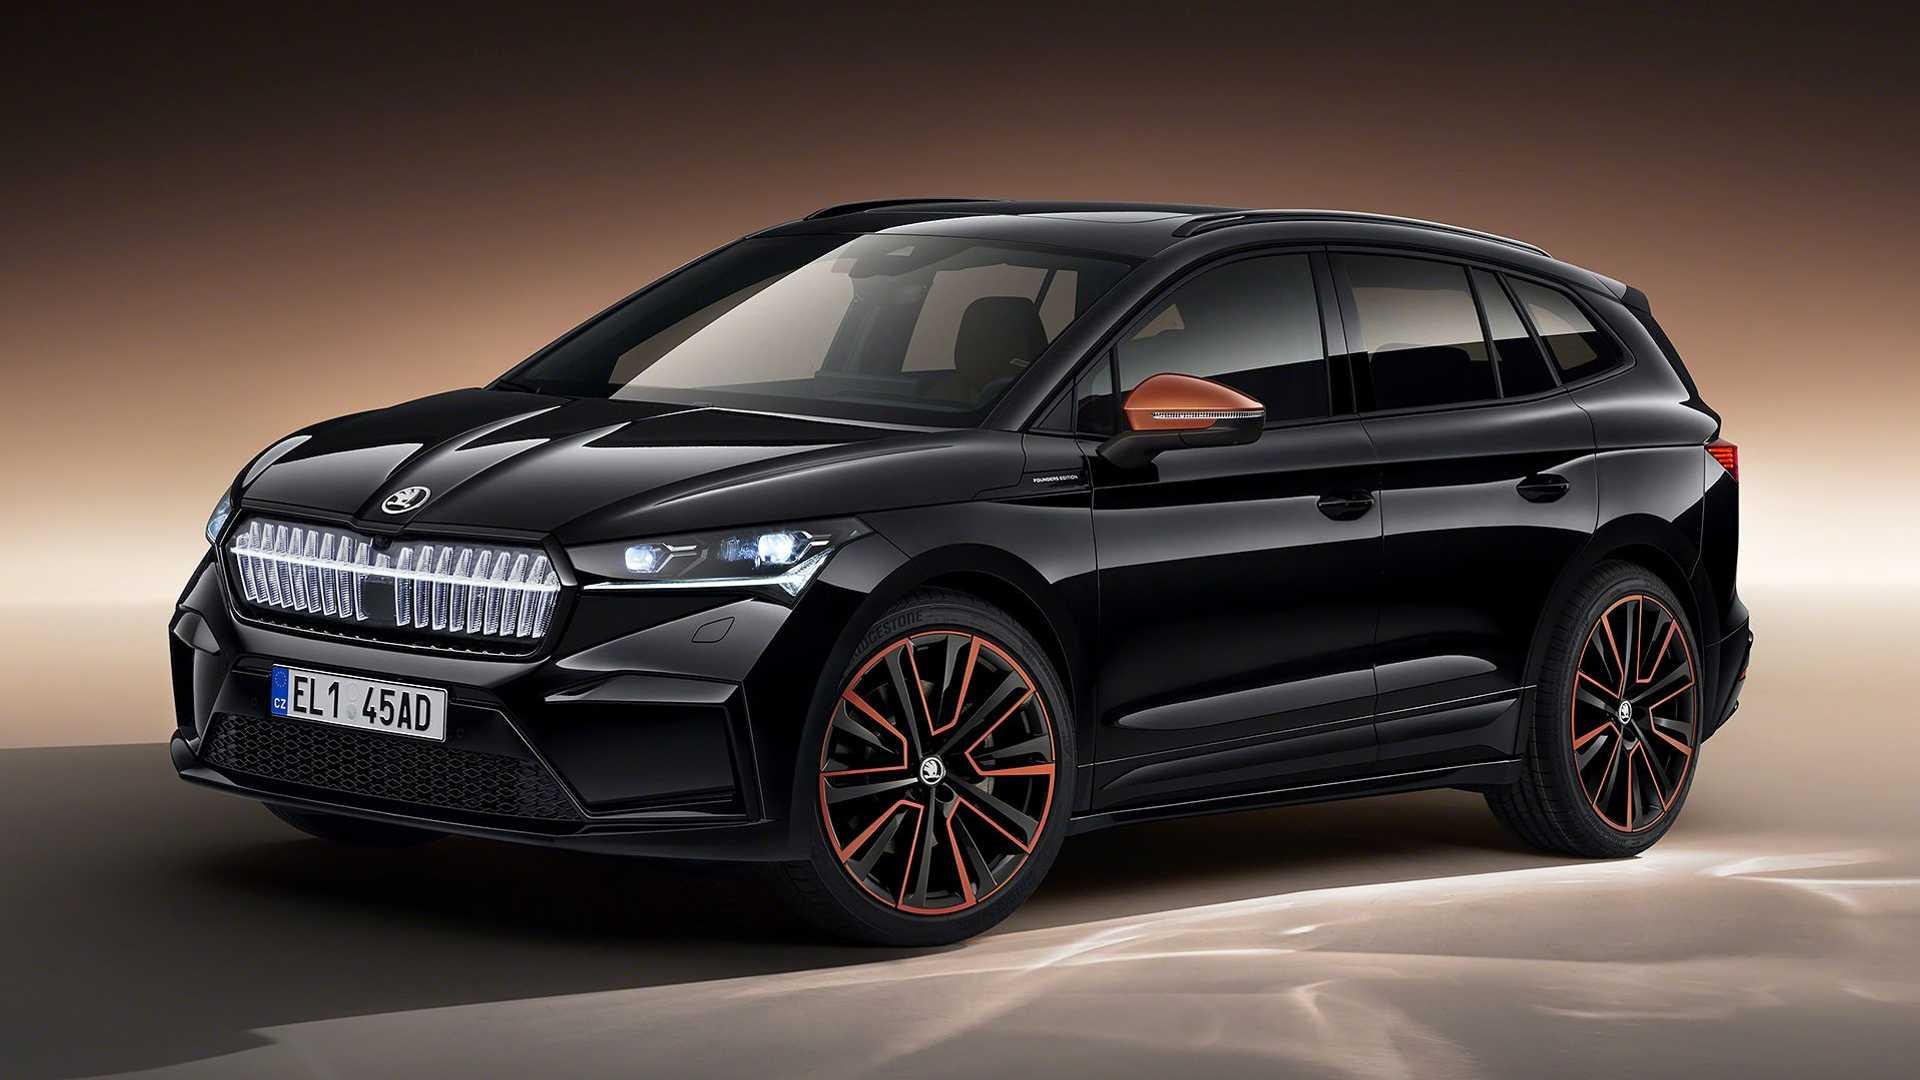 Компания Skoda раскрыла электрический кроссовер Enyaq iV: как и Volkswagen ID.4, новинка построена на электромобильной архитектуре MEB.